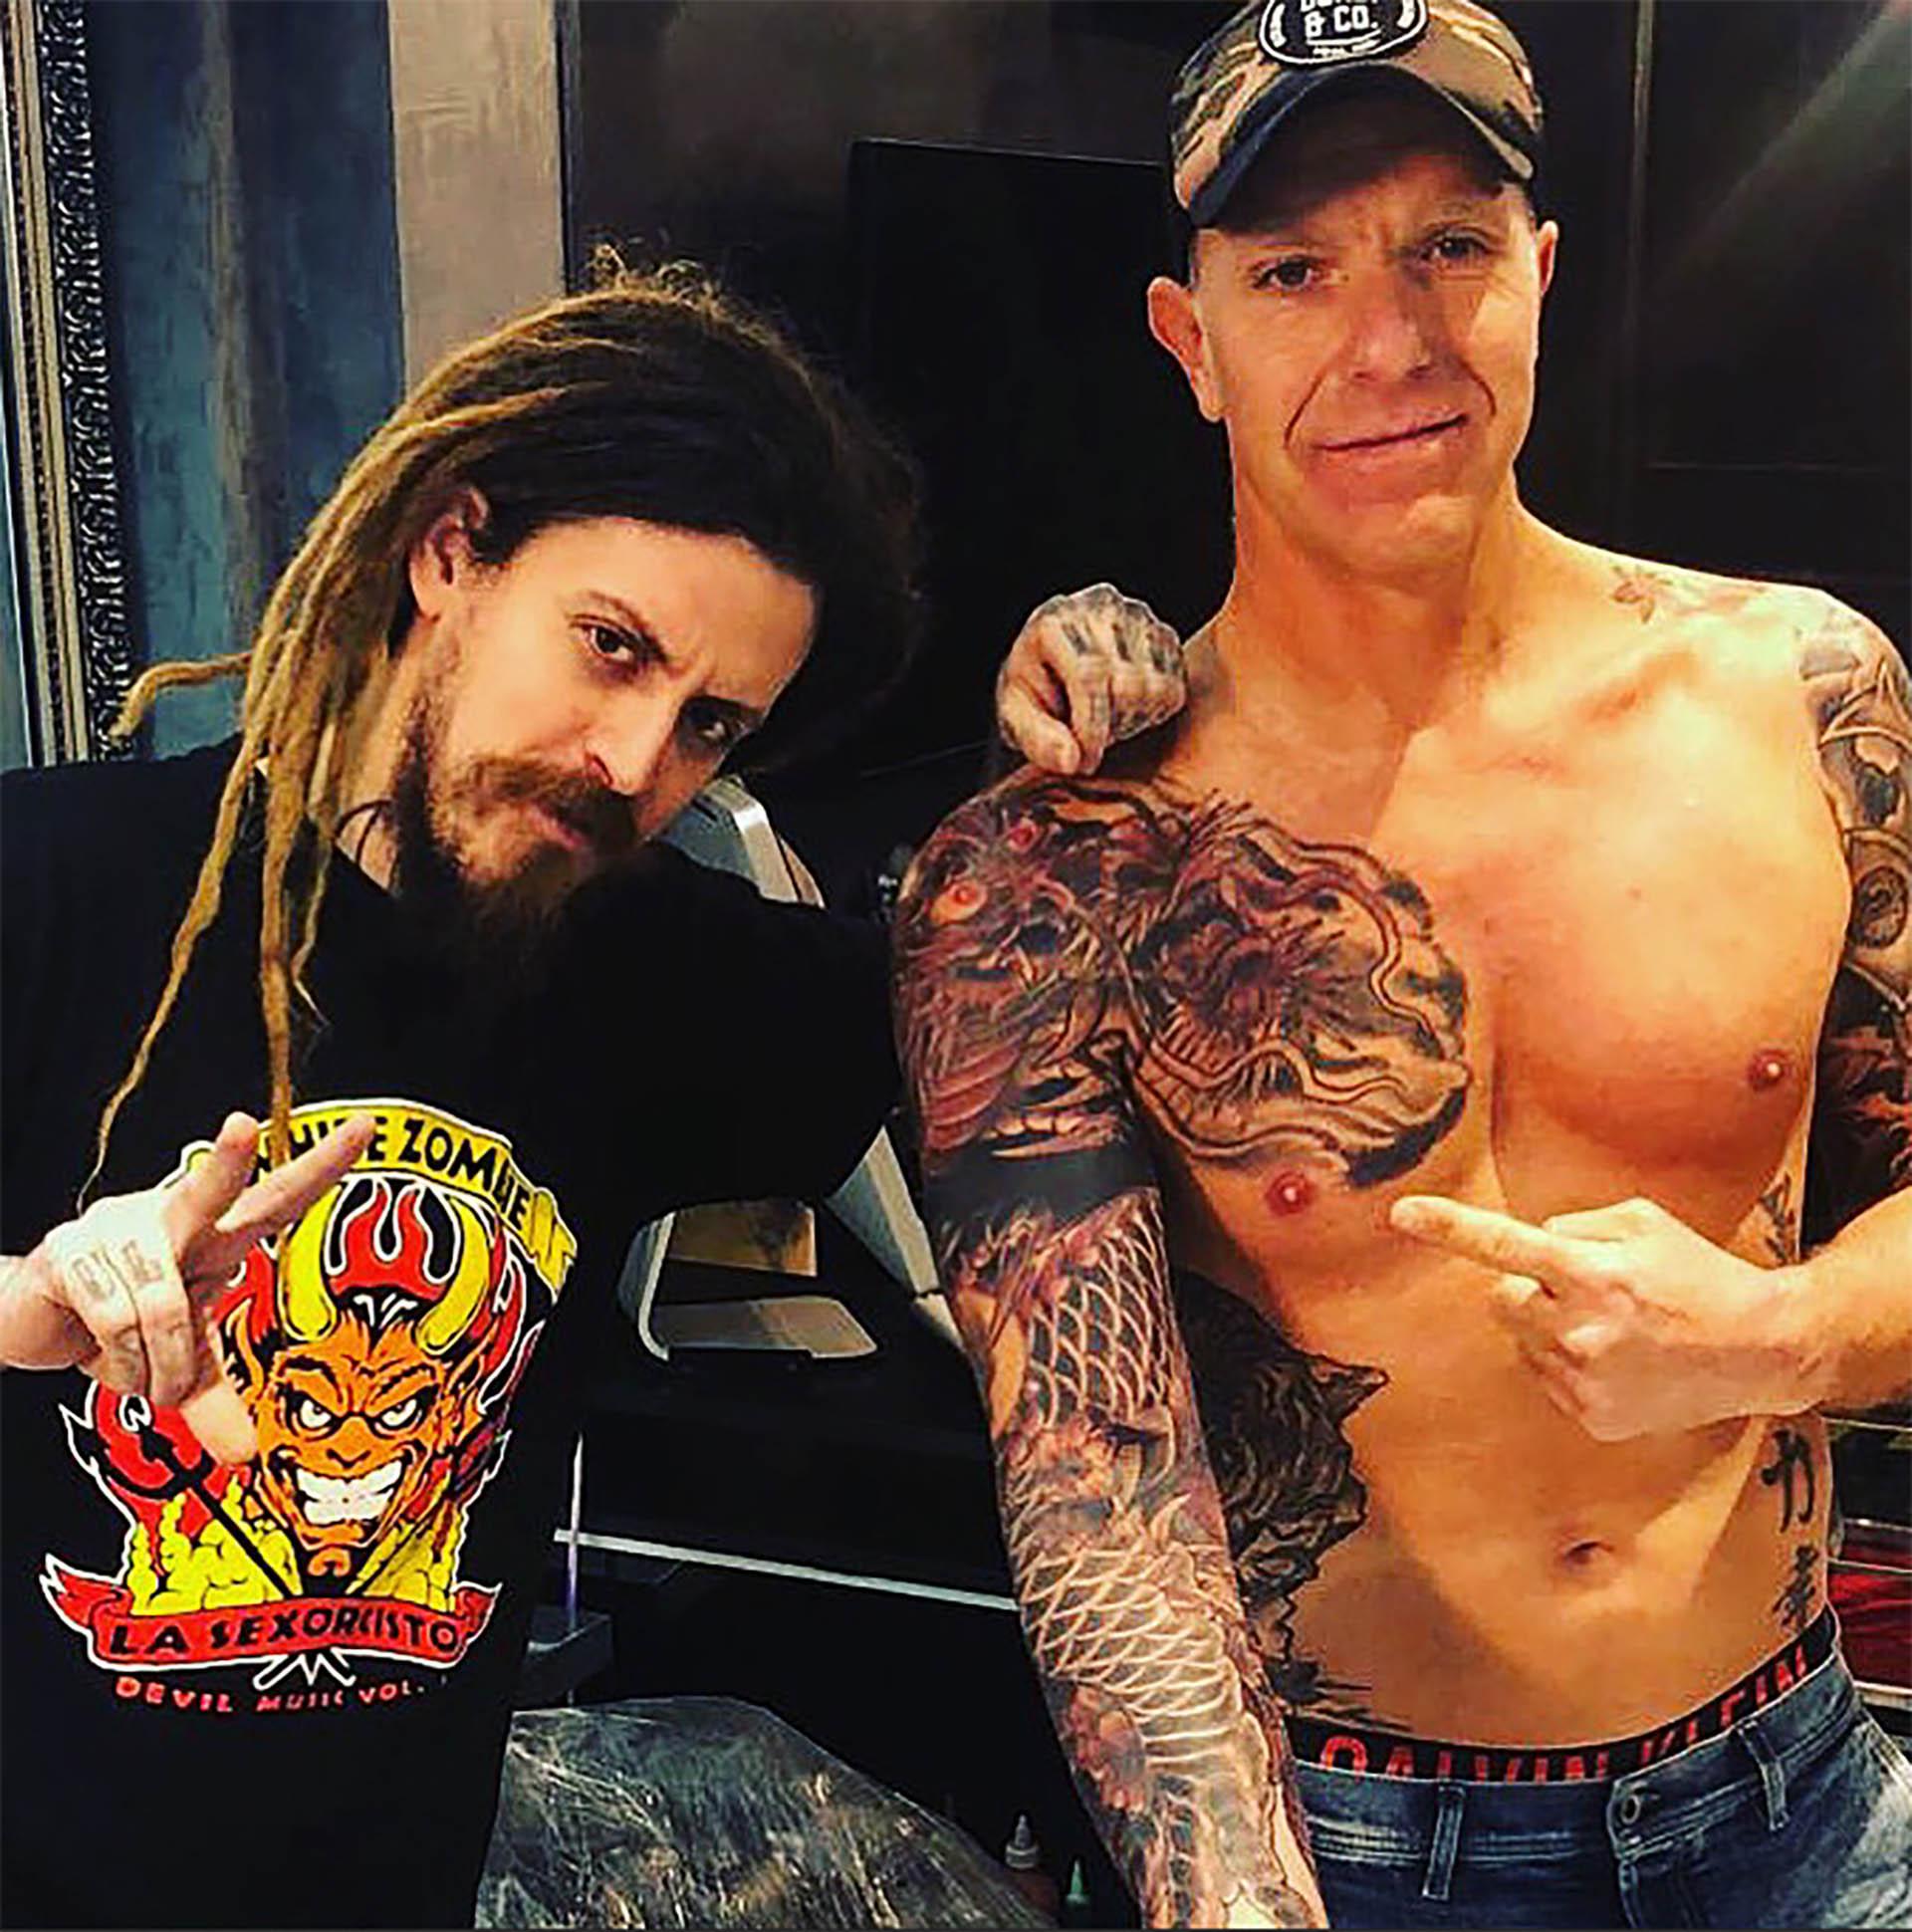 Alejandro Fantino mostró cómo quedó el enorme tatuaje que se realizó en uno de sus brazos y parte de su torso. El conductor se sometió a largas sesiones para completar este diseño de estilo oriental